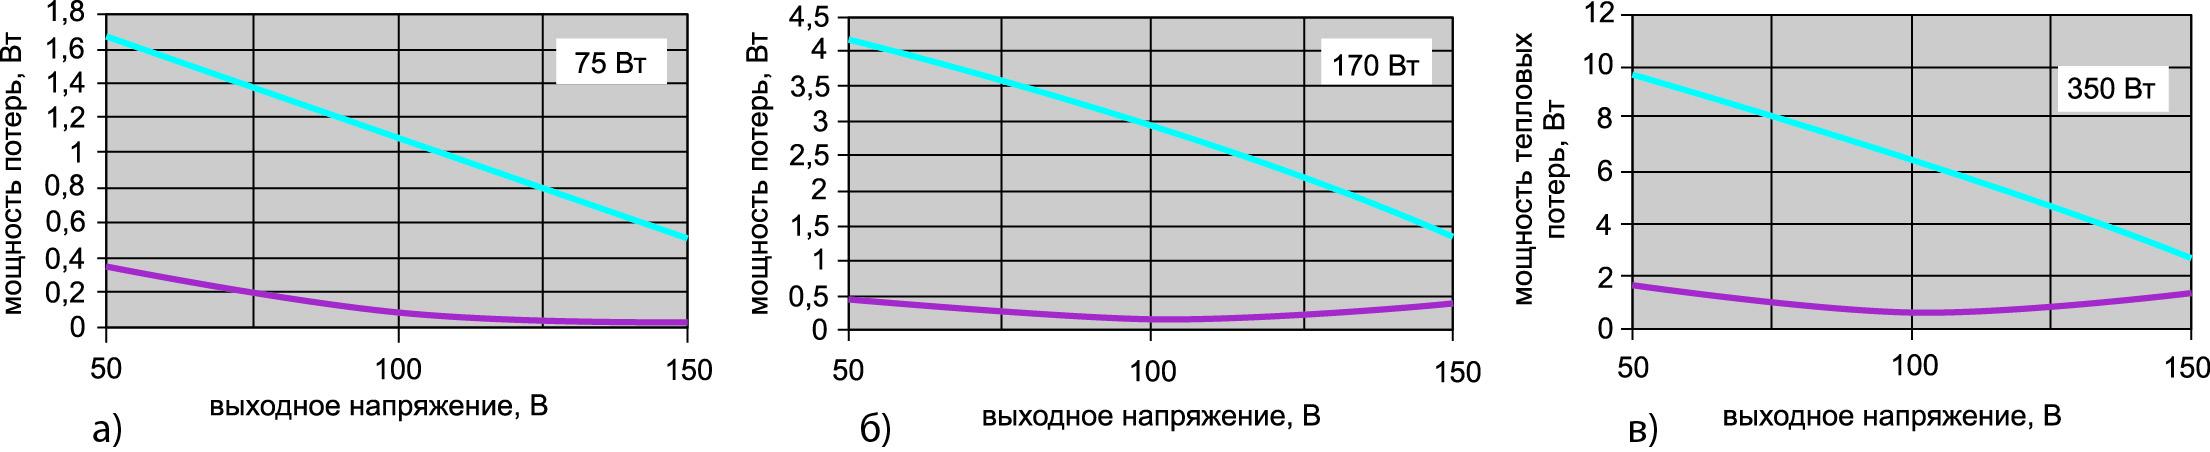 Зависимость мощности потерь энергии в синхронном (——) и диодном (——) выпрямителях от выходного напряжения при выходной мощности